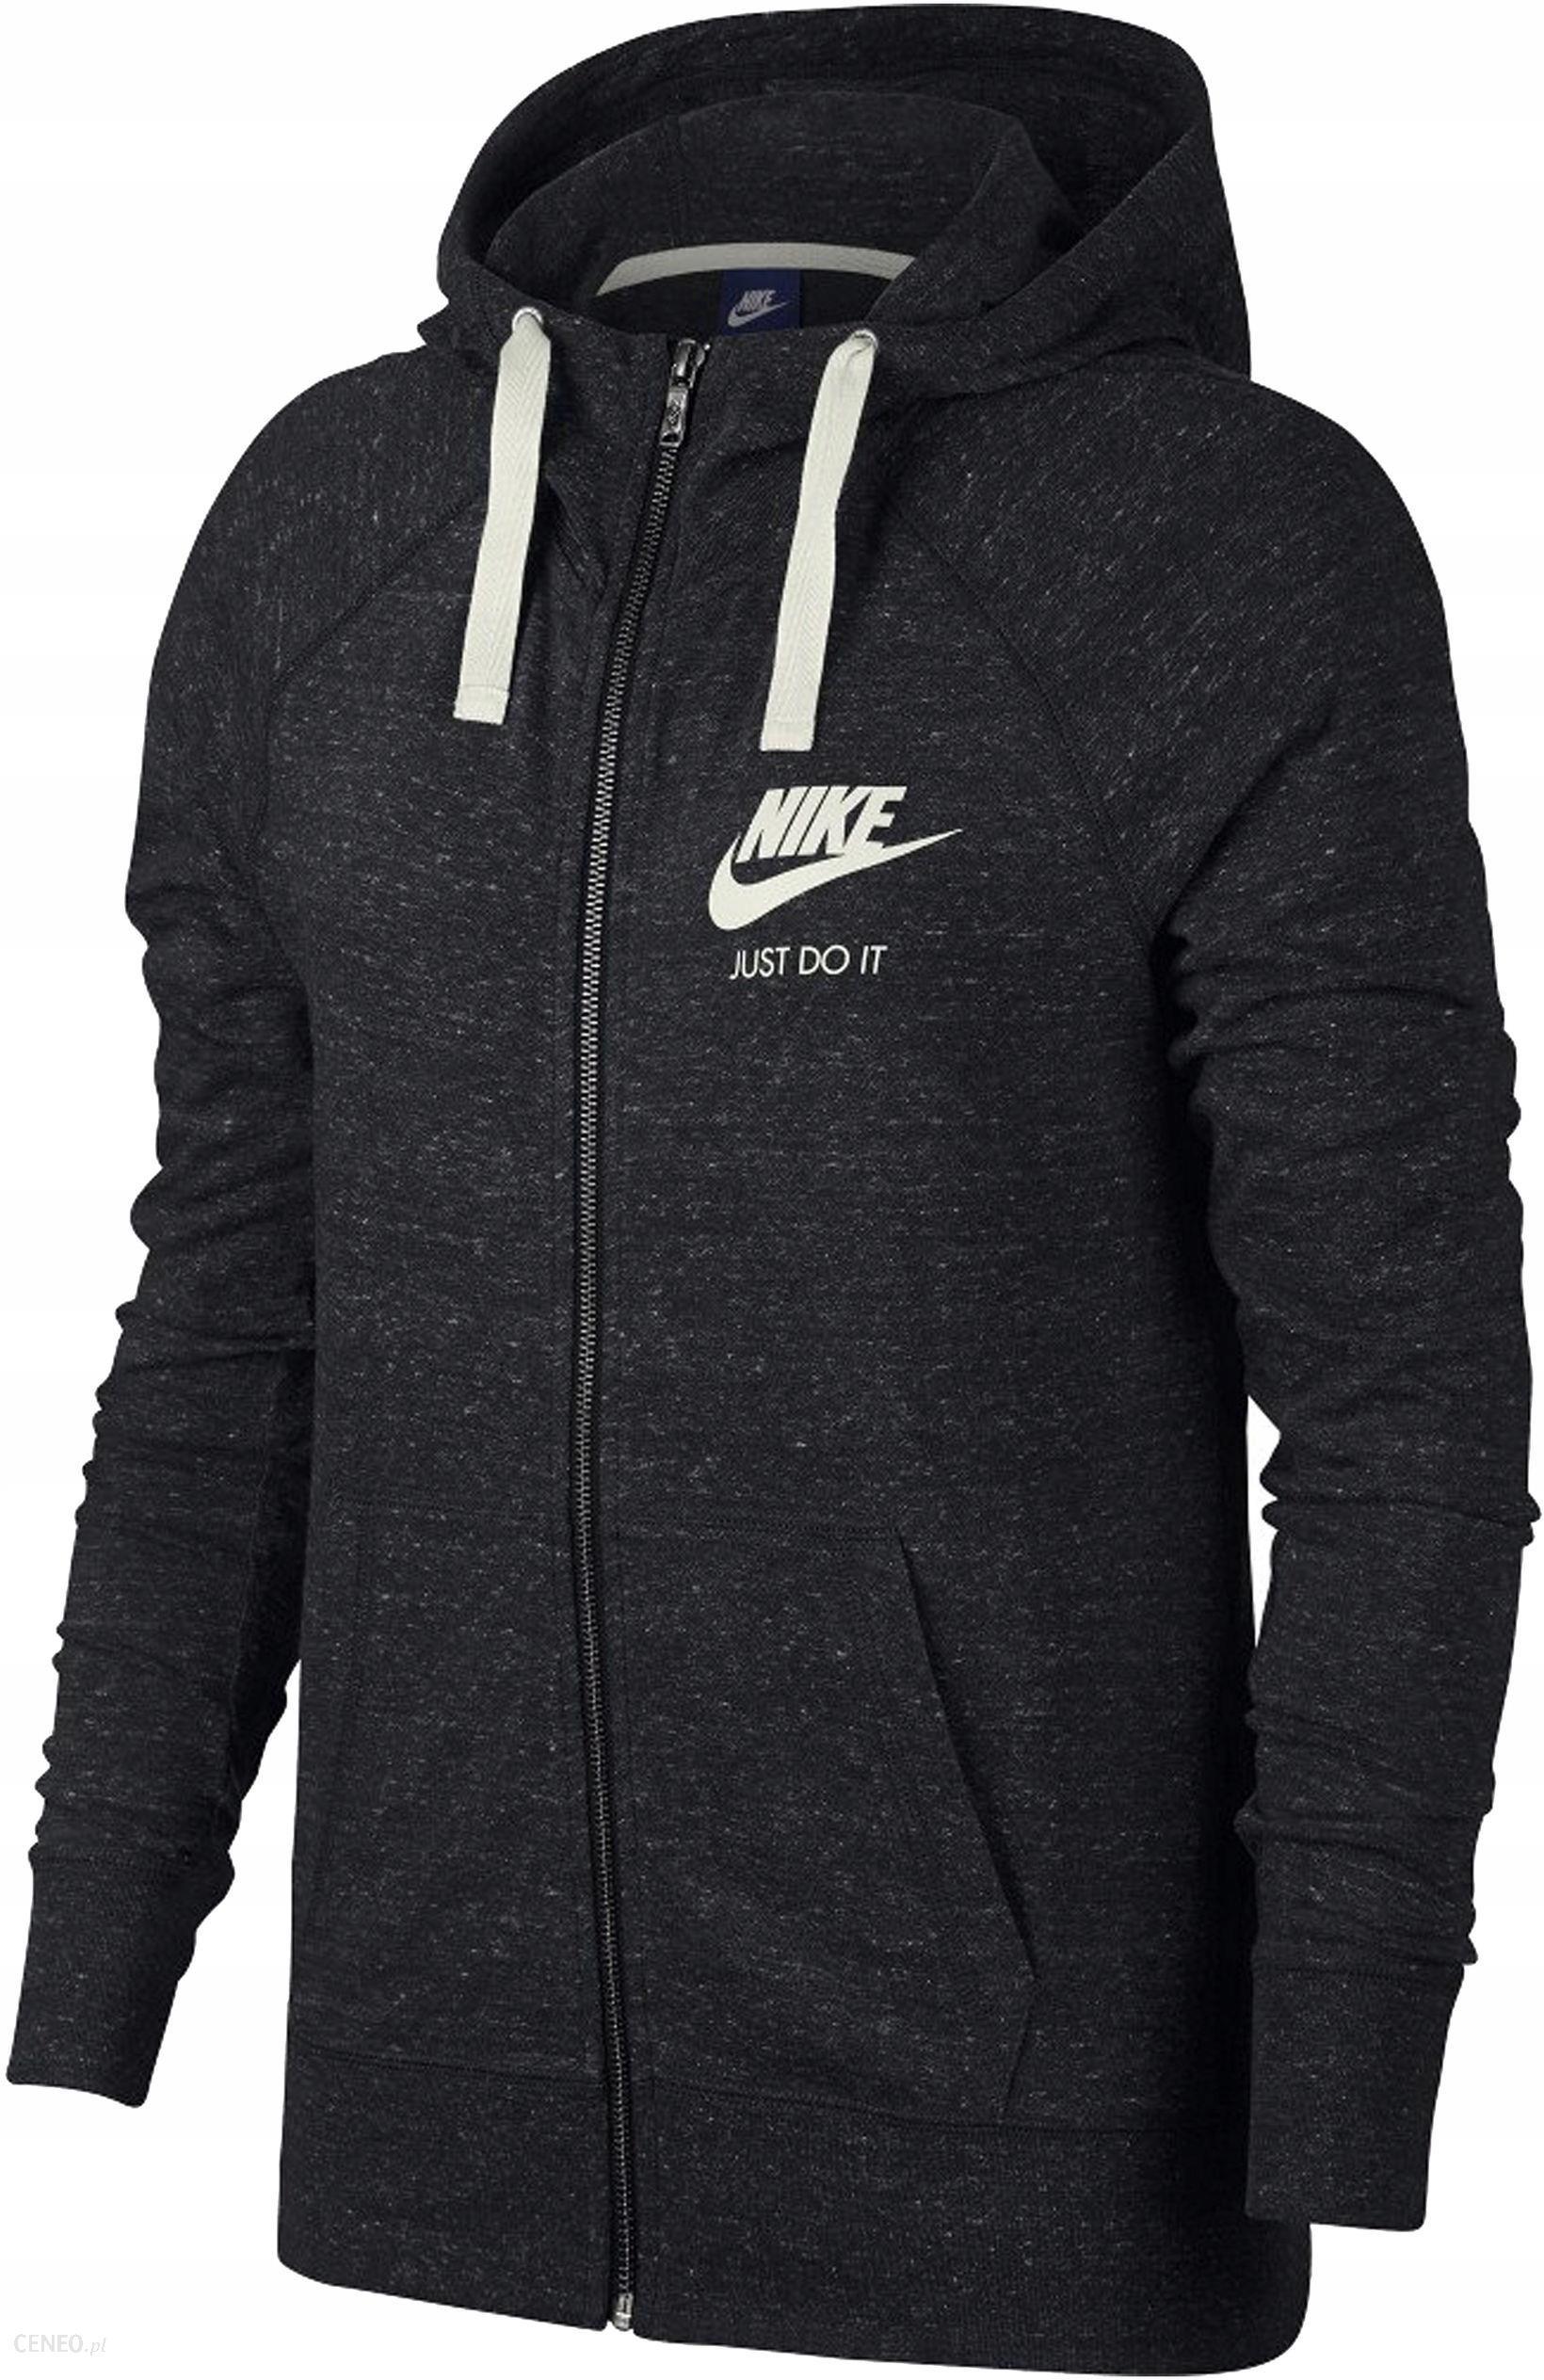 Bluza Nike Damska Sportowa 883729 010 Czarna R. Xs Ceny i opinie Ceneo.pl